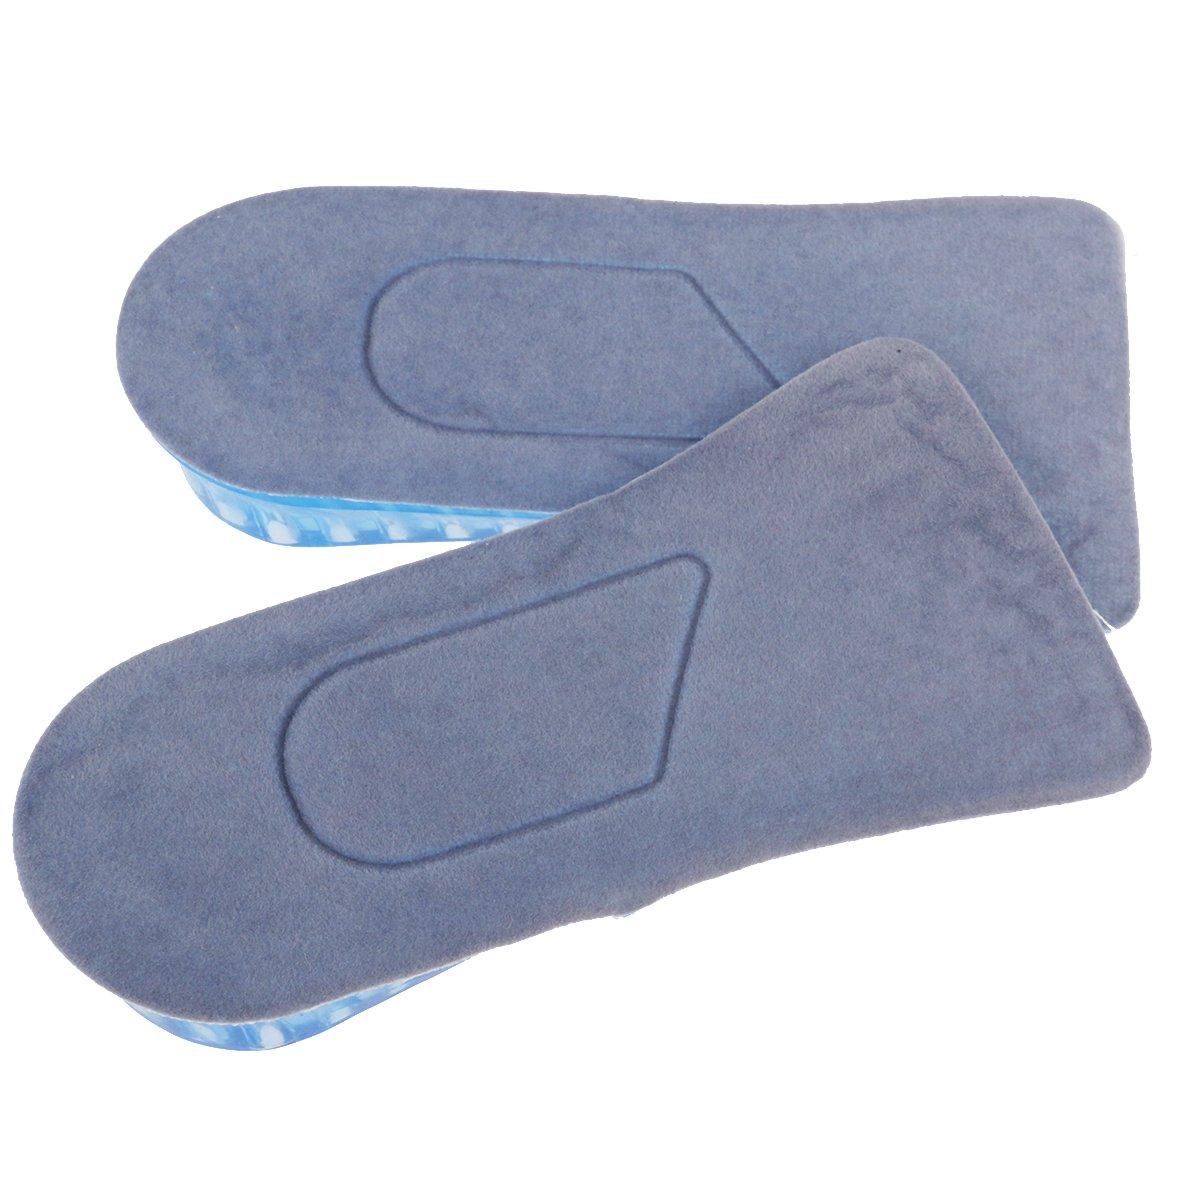 UEETEK Plantillas de aumento Plantillas Altura 3.7cm altura ajustable 2-capa Unisex de silicona tipo medio aumentado plantillas zapato Pads